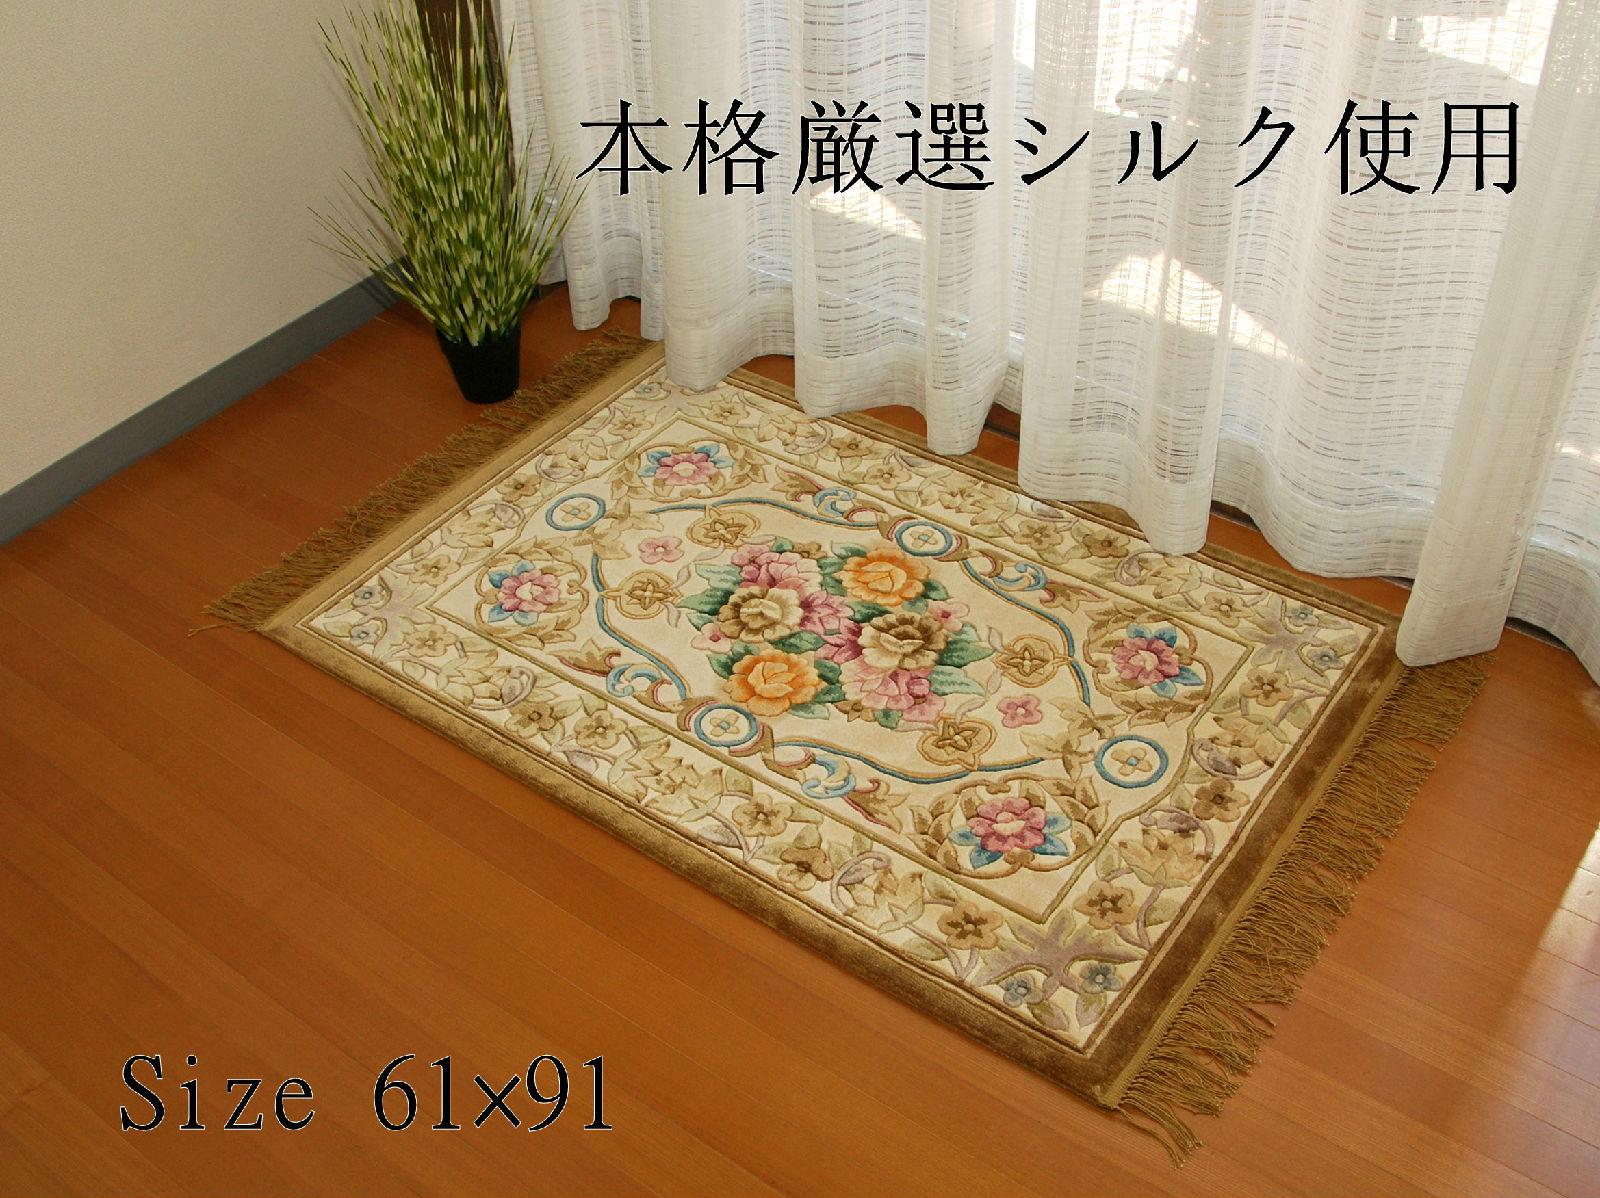 最新デザイン厳選シルク使用!!シルク手織り段通マット61×91ベージュ:Rugtime